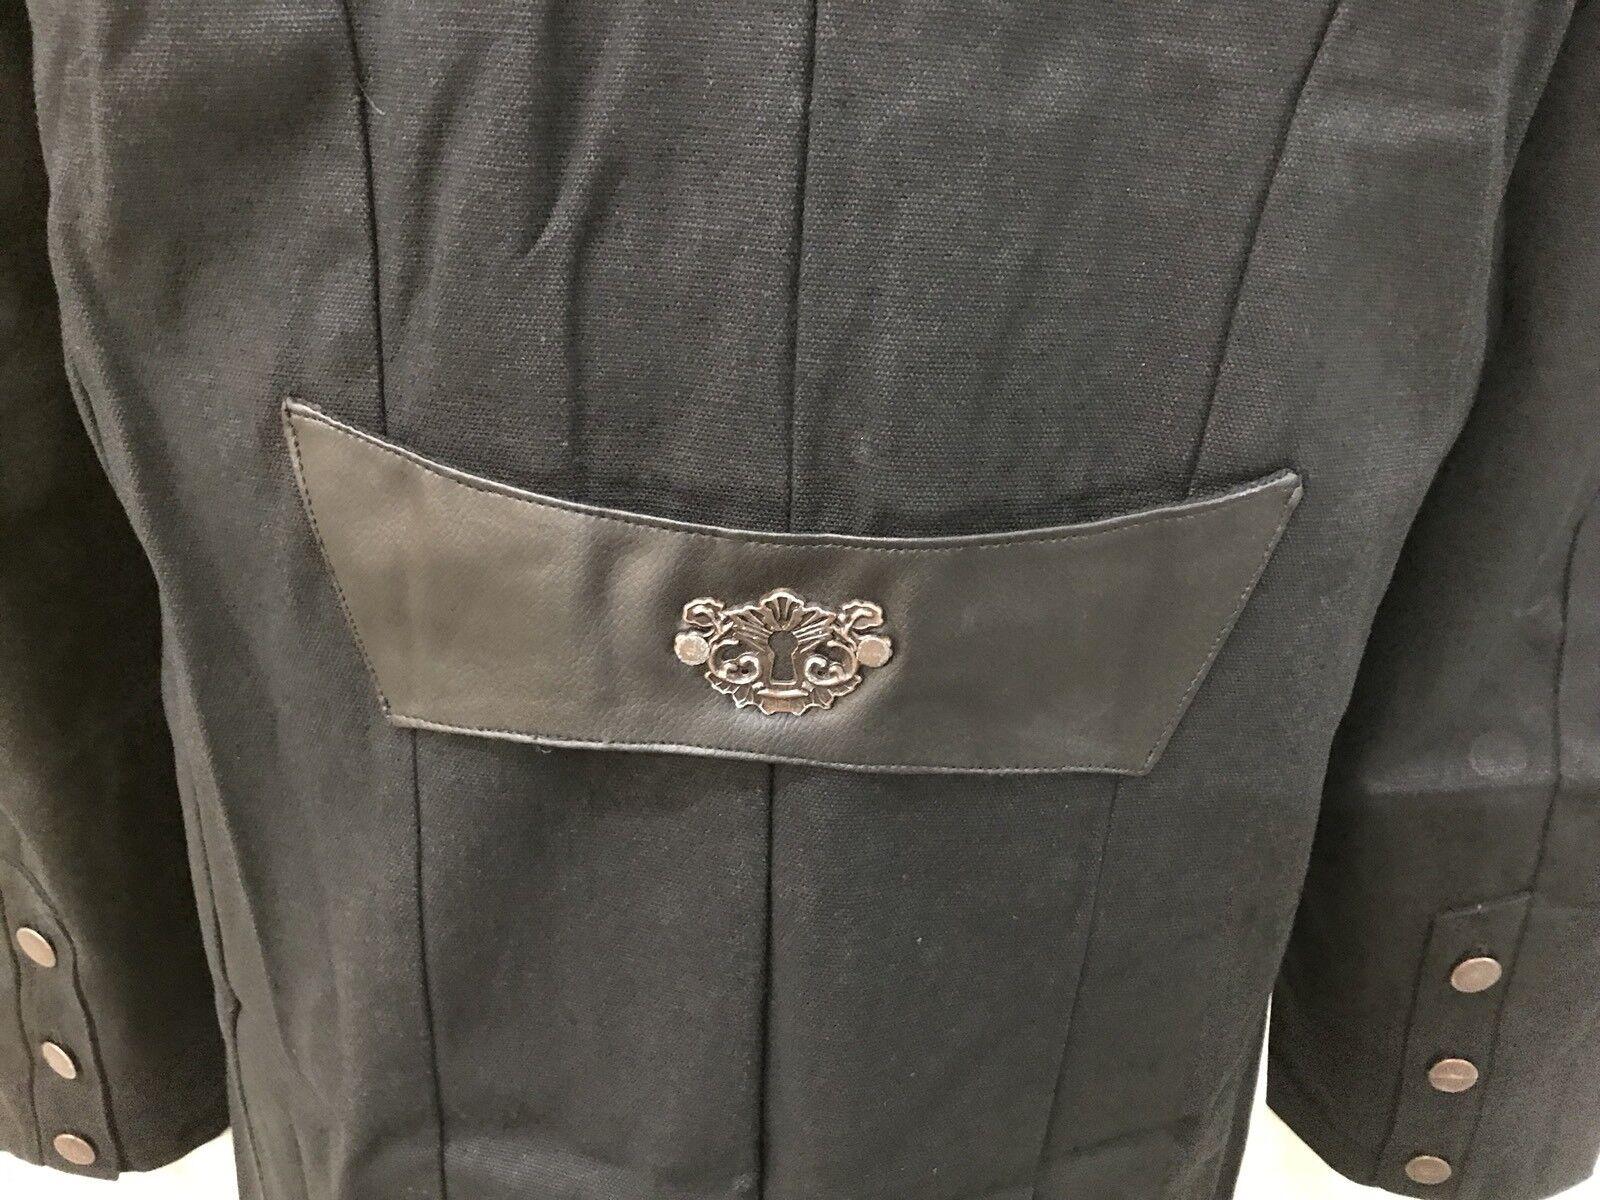 NUOVI uomini fatti a mano nero Hellraiser Hellraiser nero Pinhead Goth Punk Vampiro Giacca Trench Cappotto 0e463d